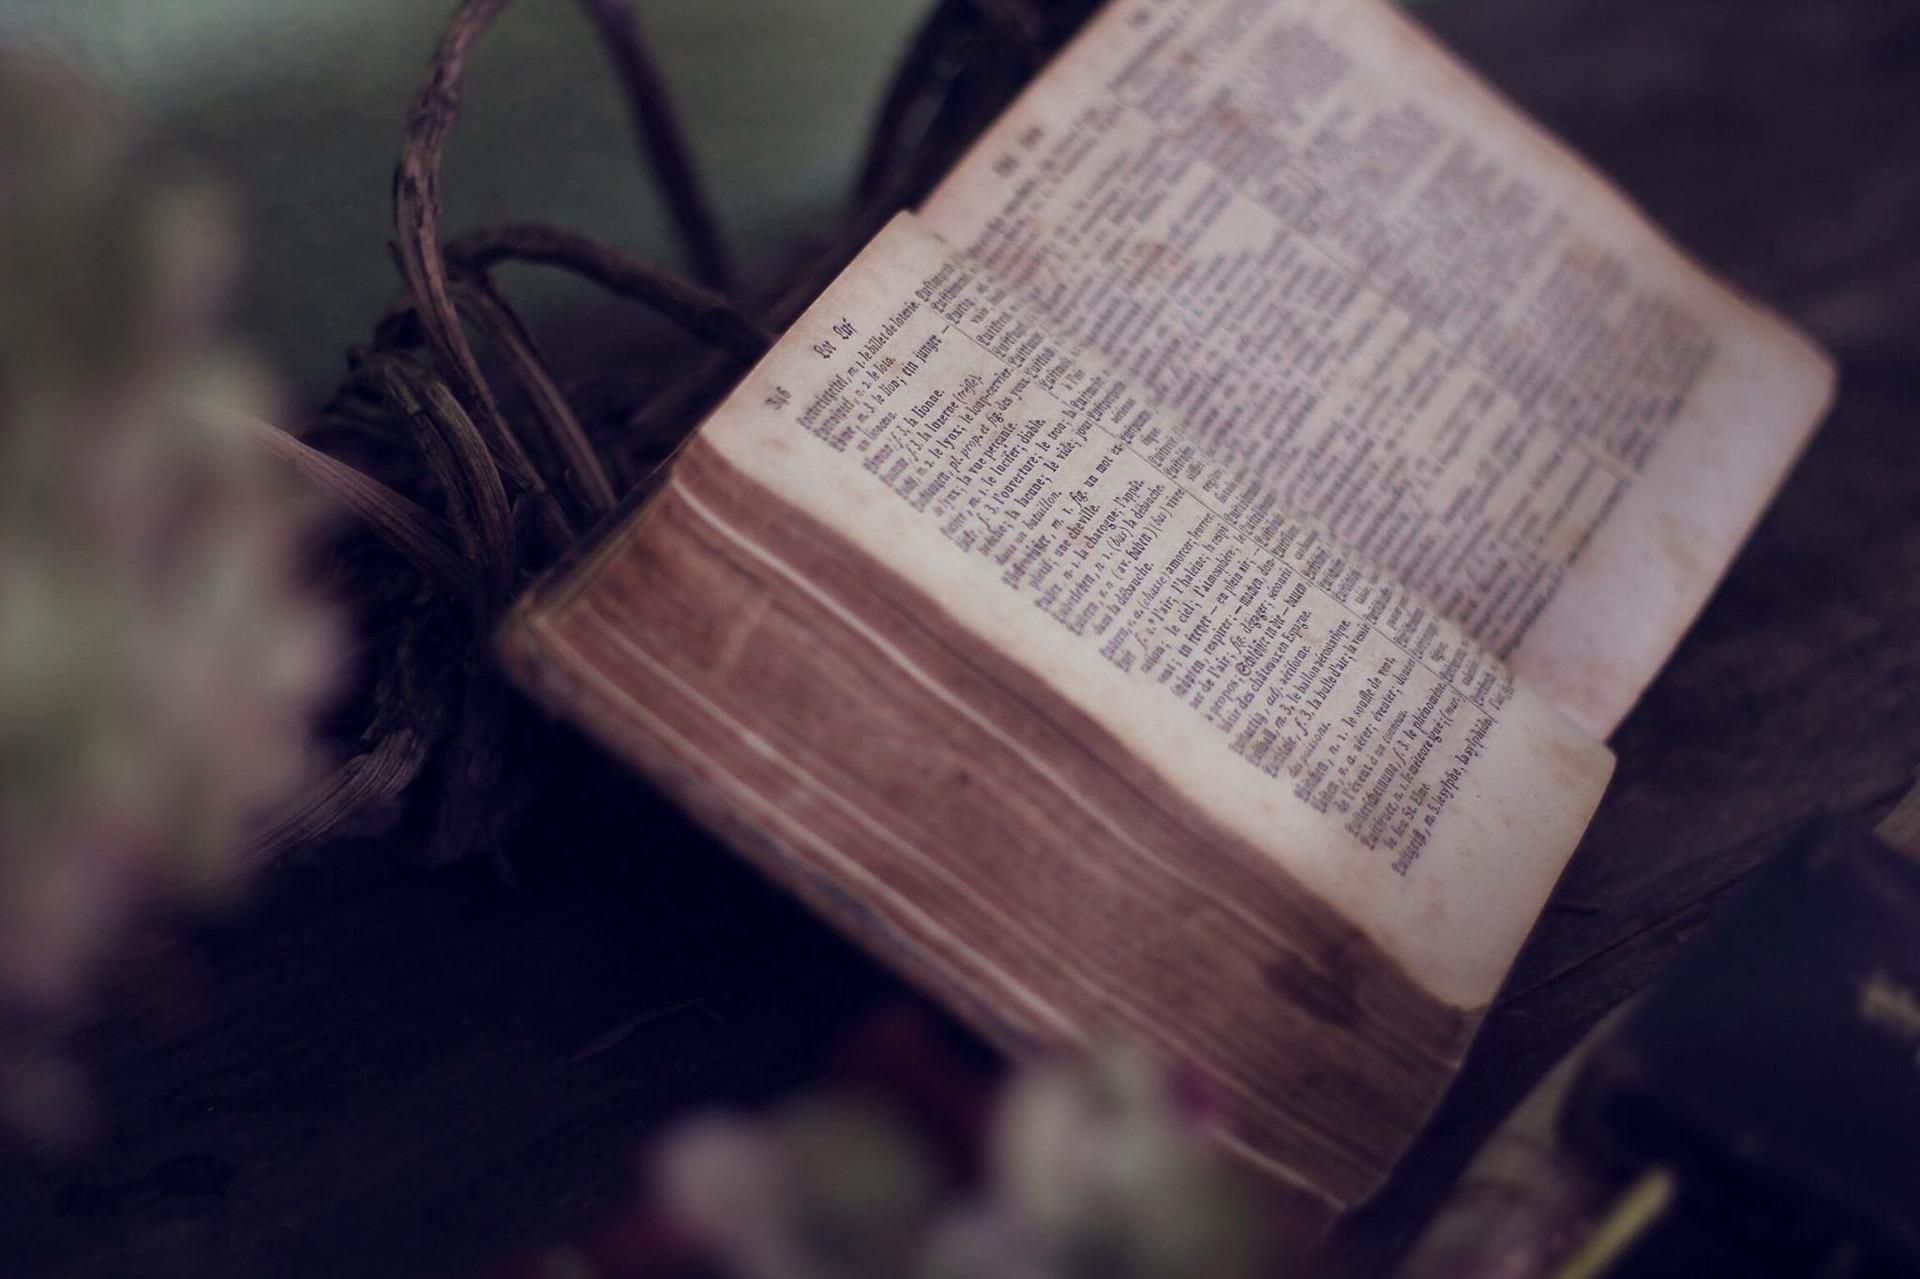 book-1210029_1920.jpg